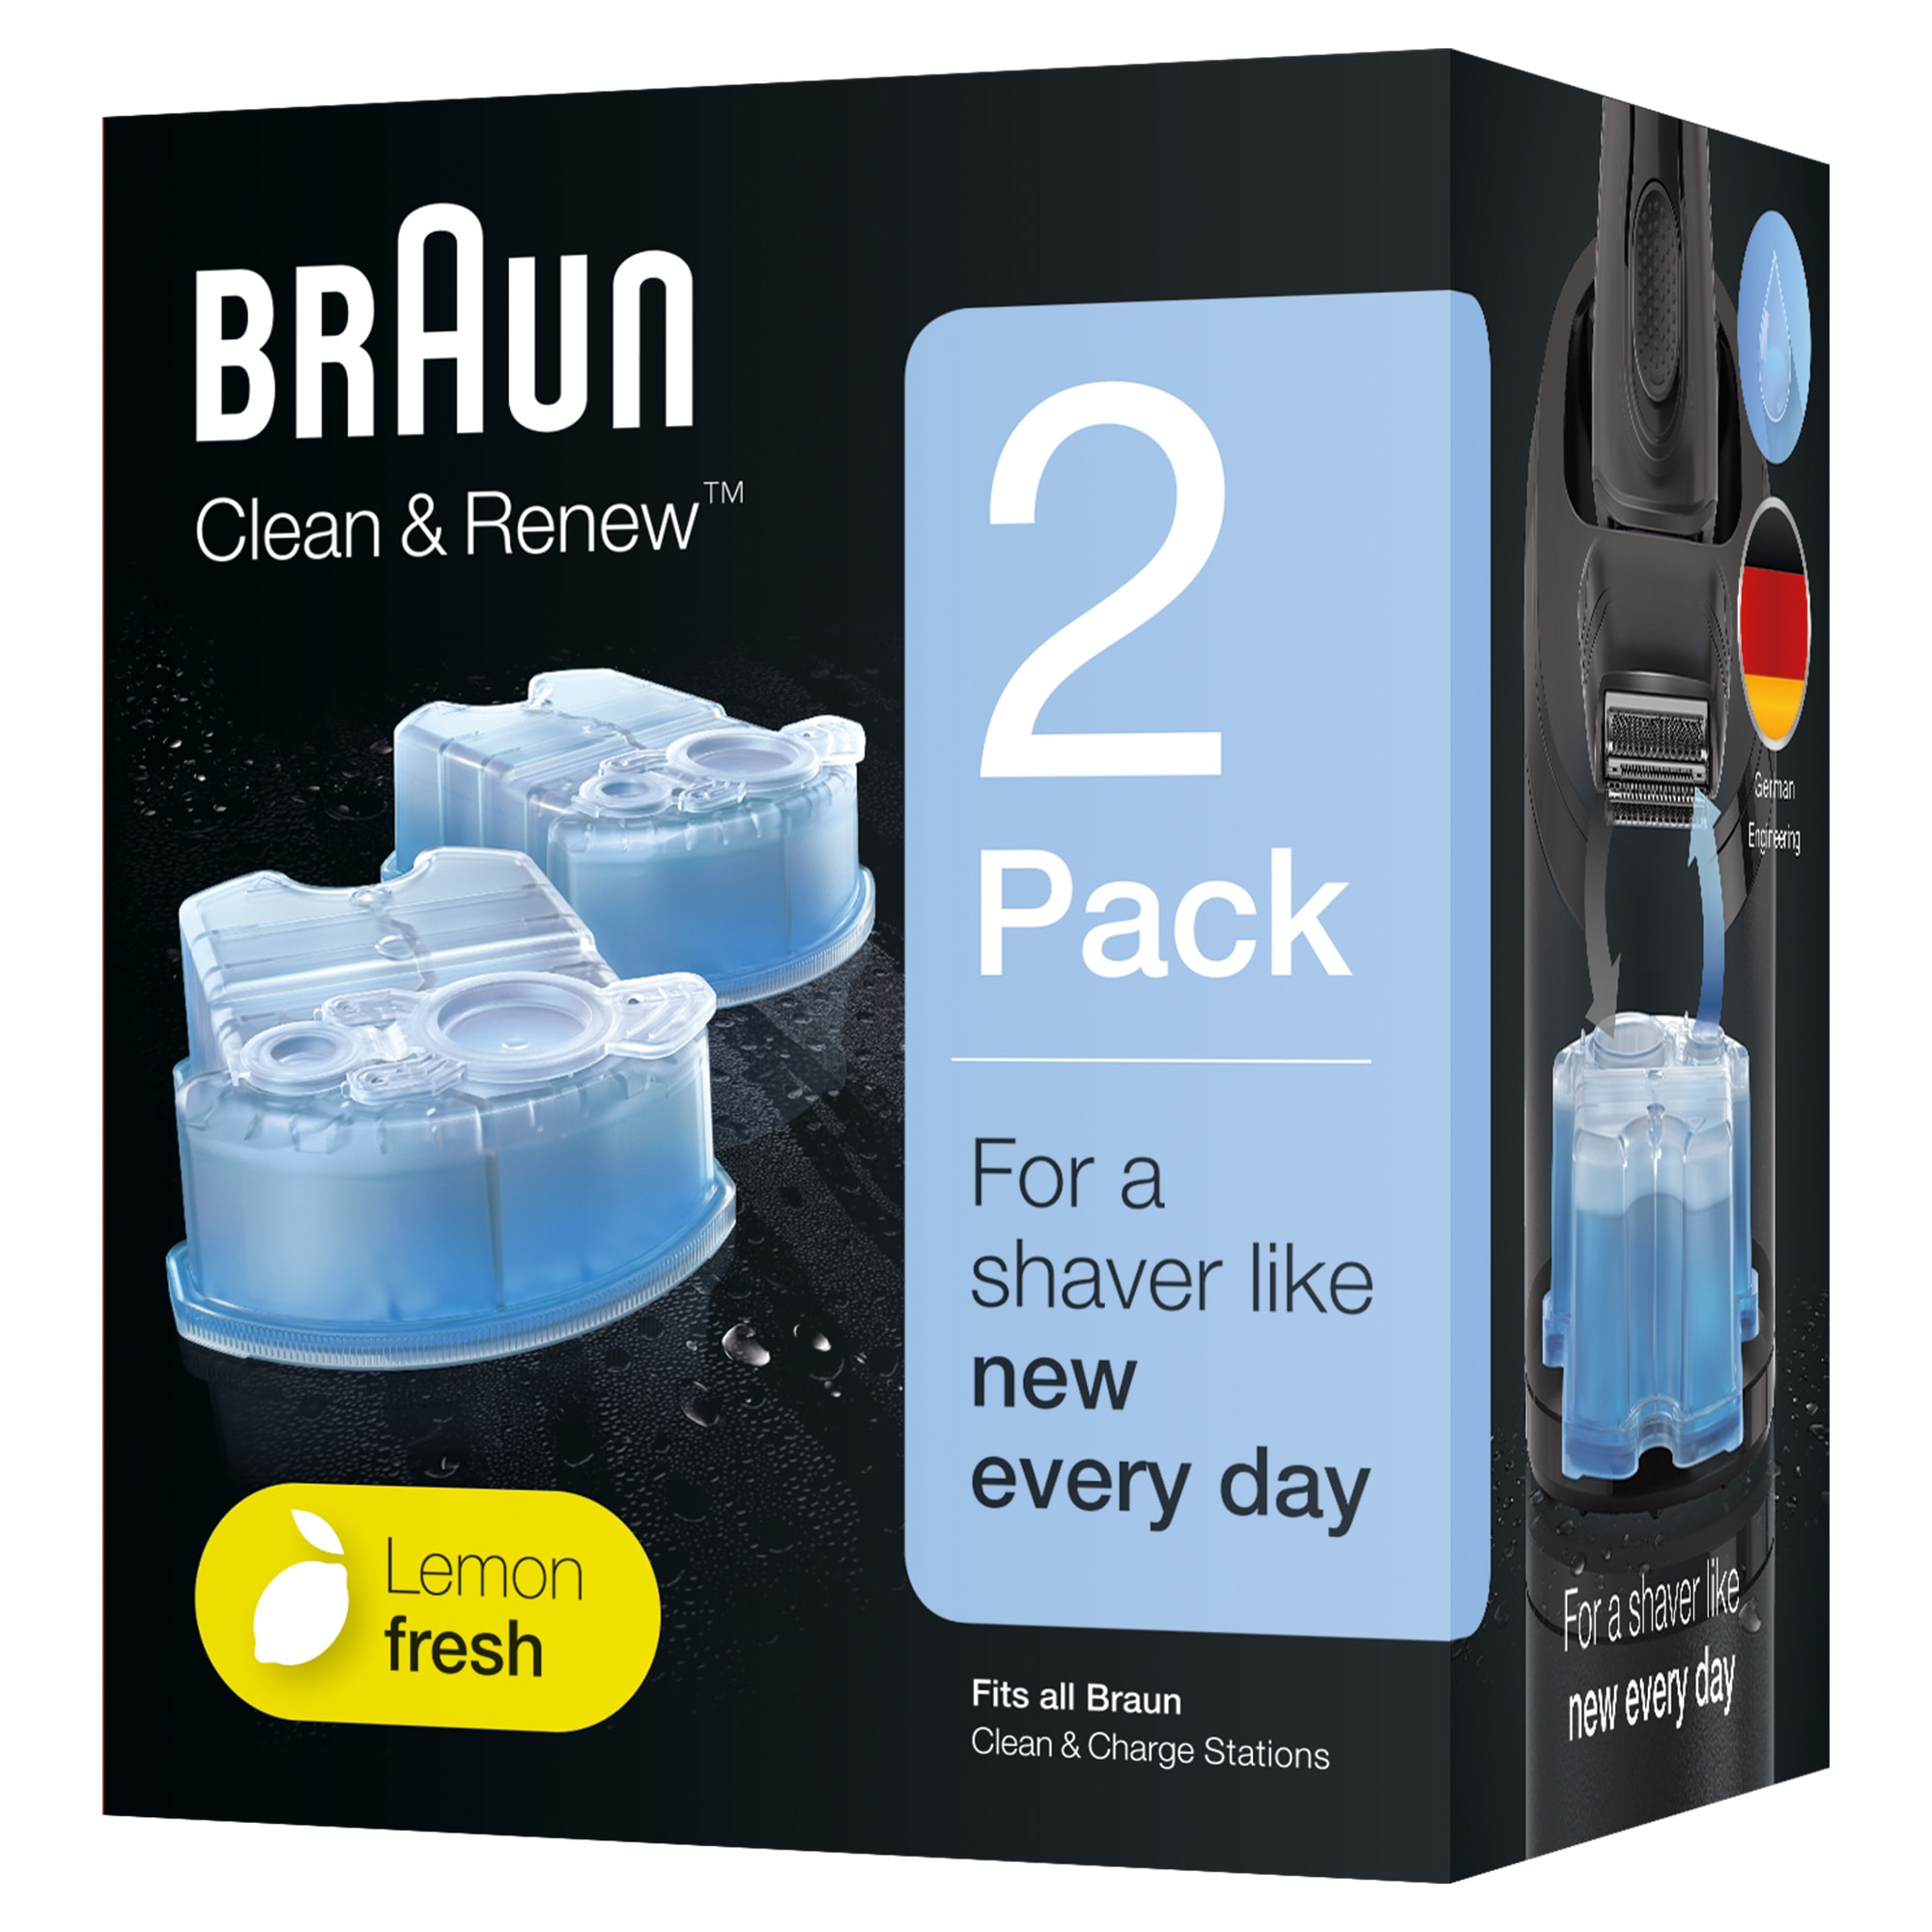 Passer til alle Brauns Clean & Charge rensestationer